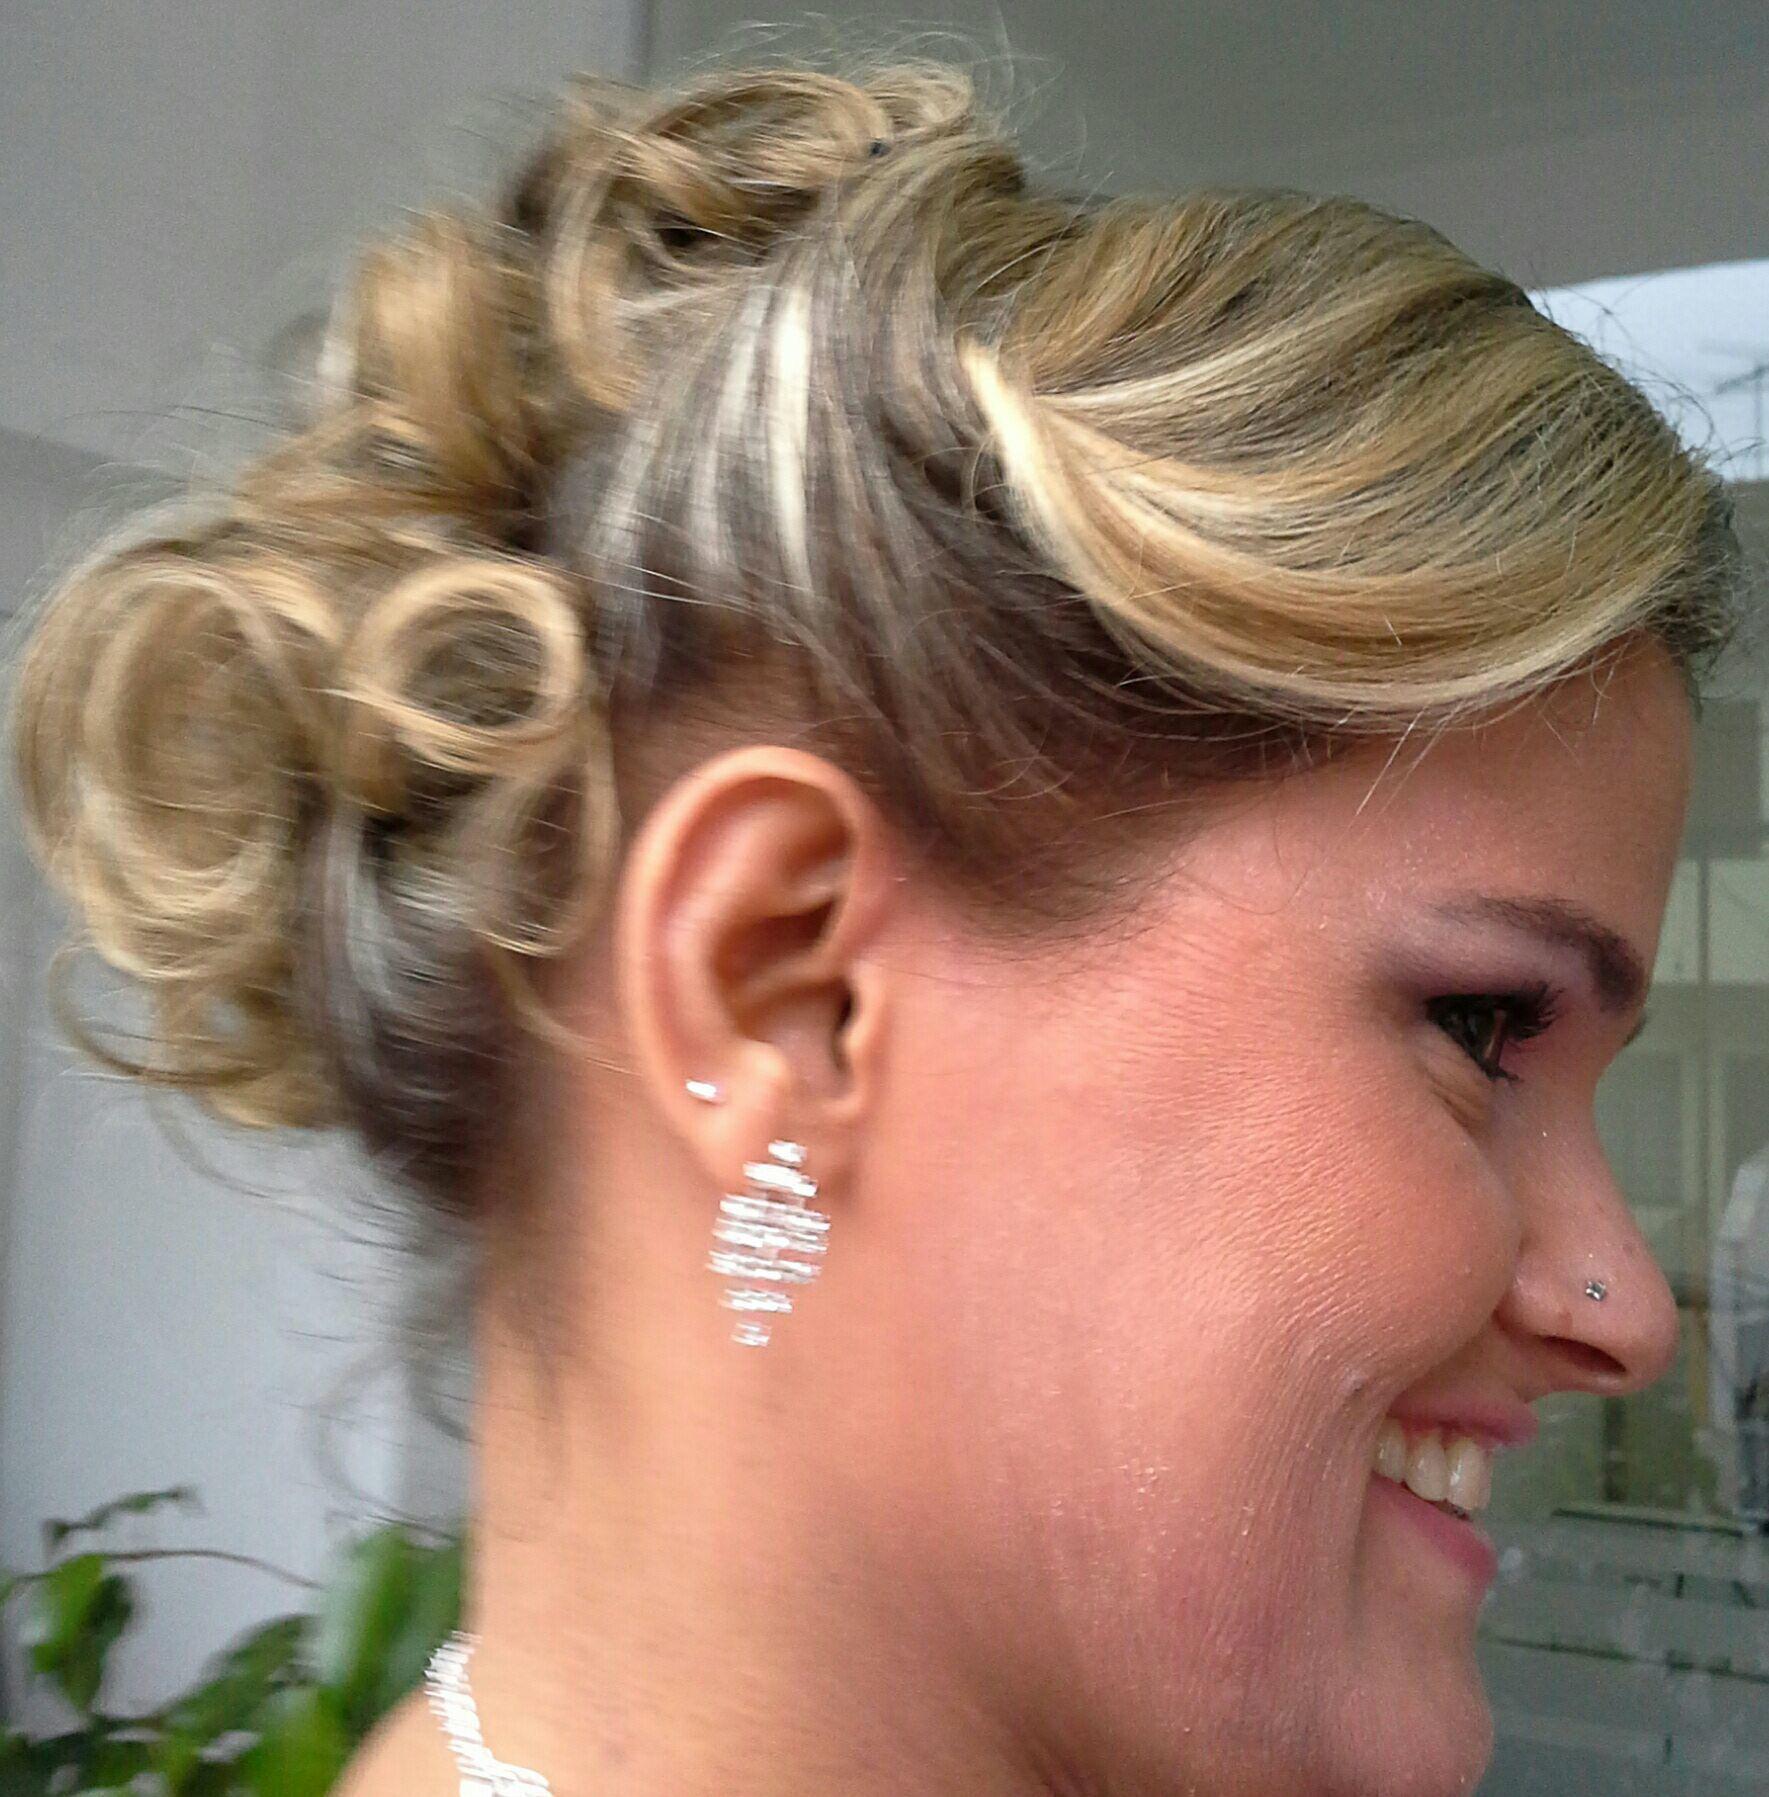 Penteado e maquiagem de festa cabelo stylist / visagista cabeleireiro(a)